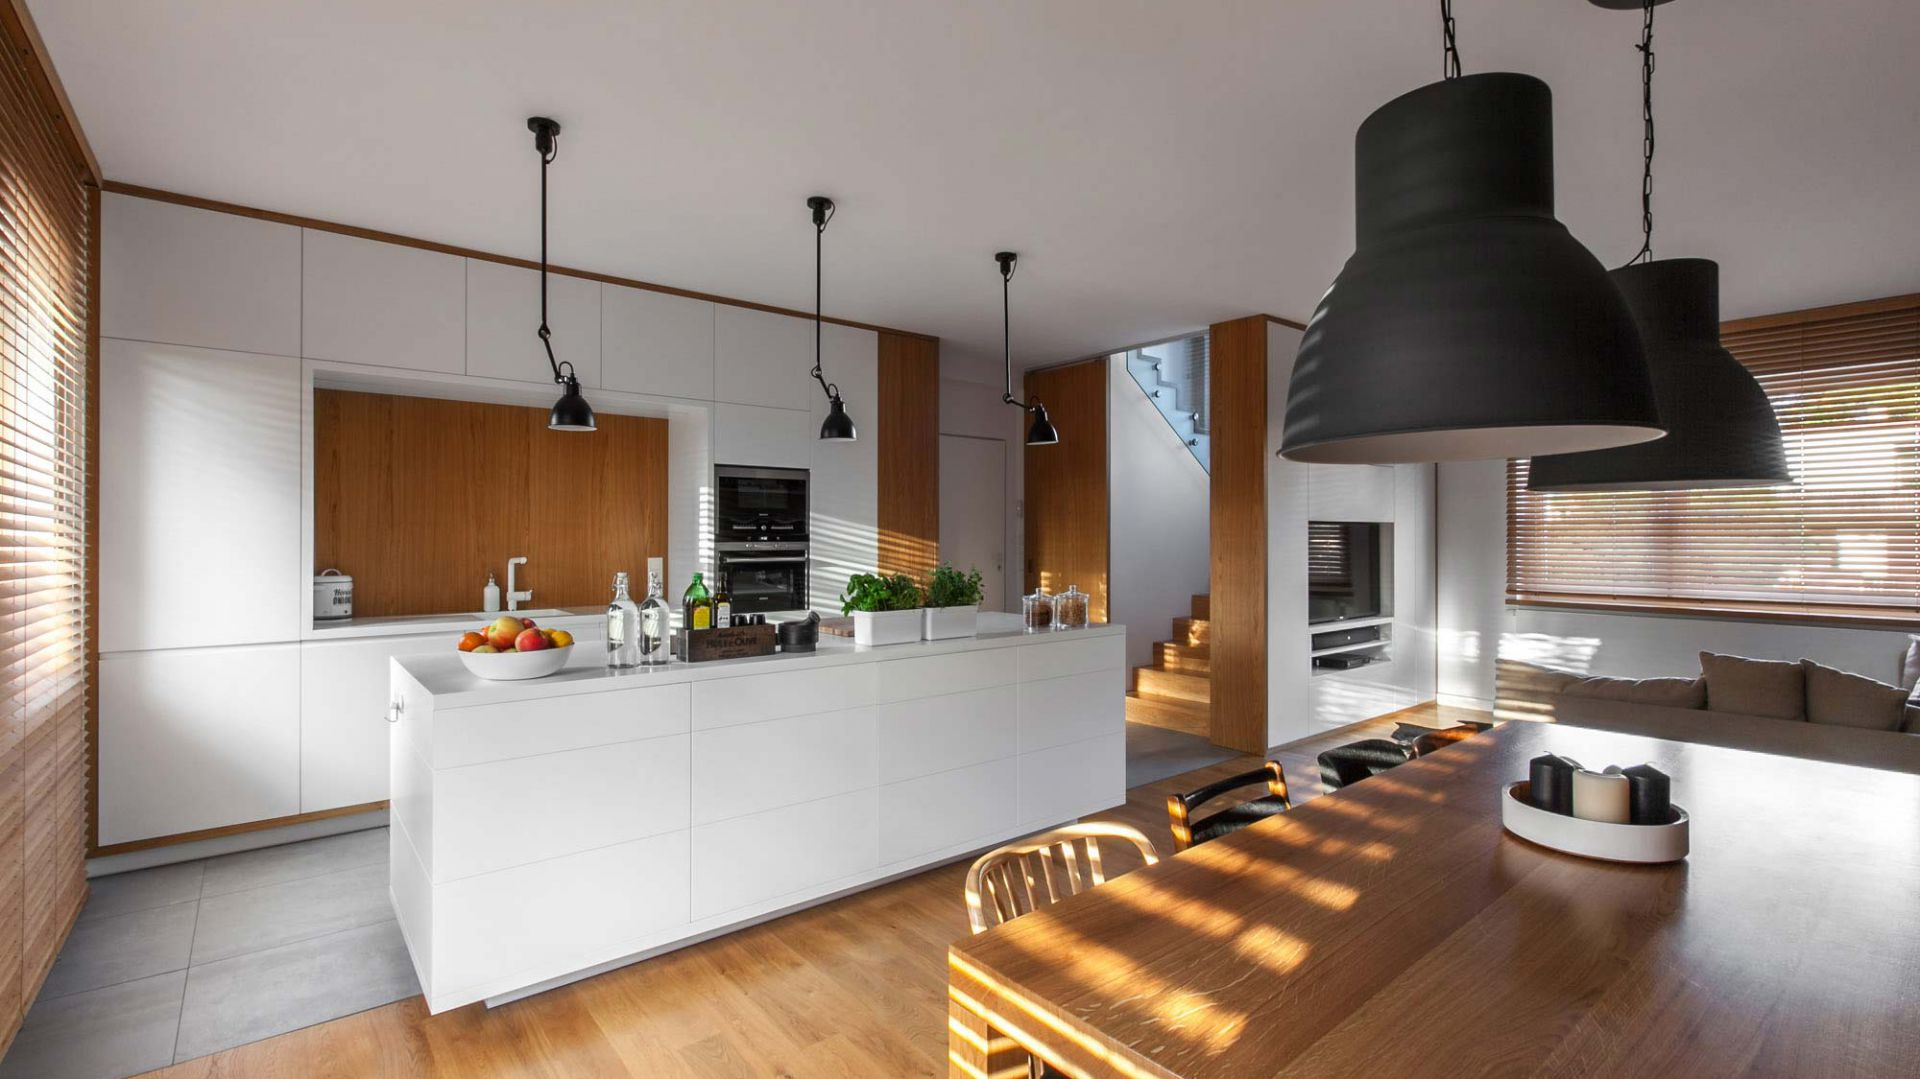 Nowoczesny dom dla rodziny: D79 House. Projekt: Paweł Garus, Jerzy Woźniak, Kinga Kin; mode:lina™. Zdjęcia: Marcin Ratajczak